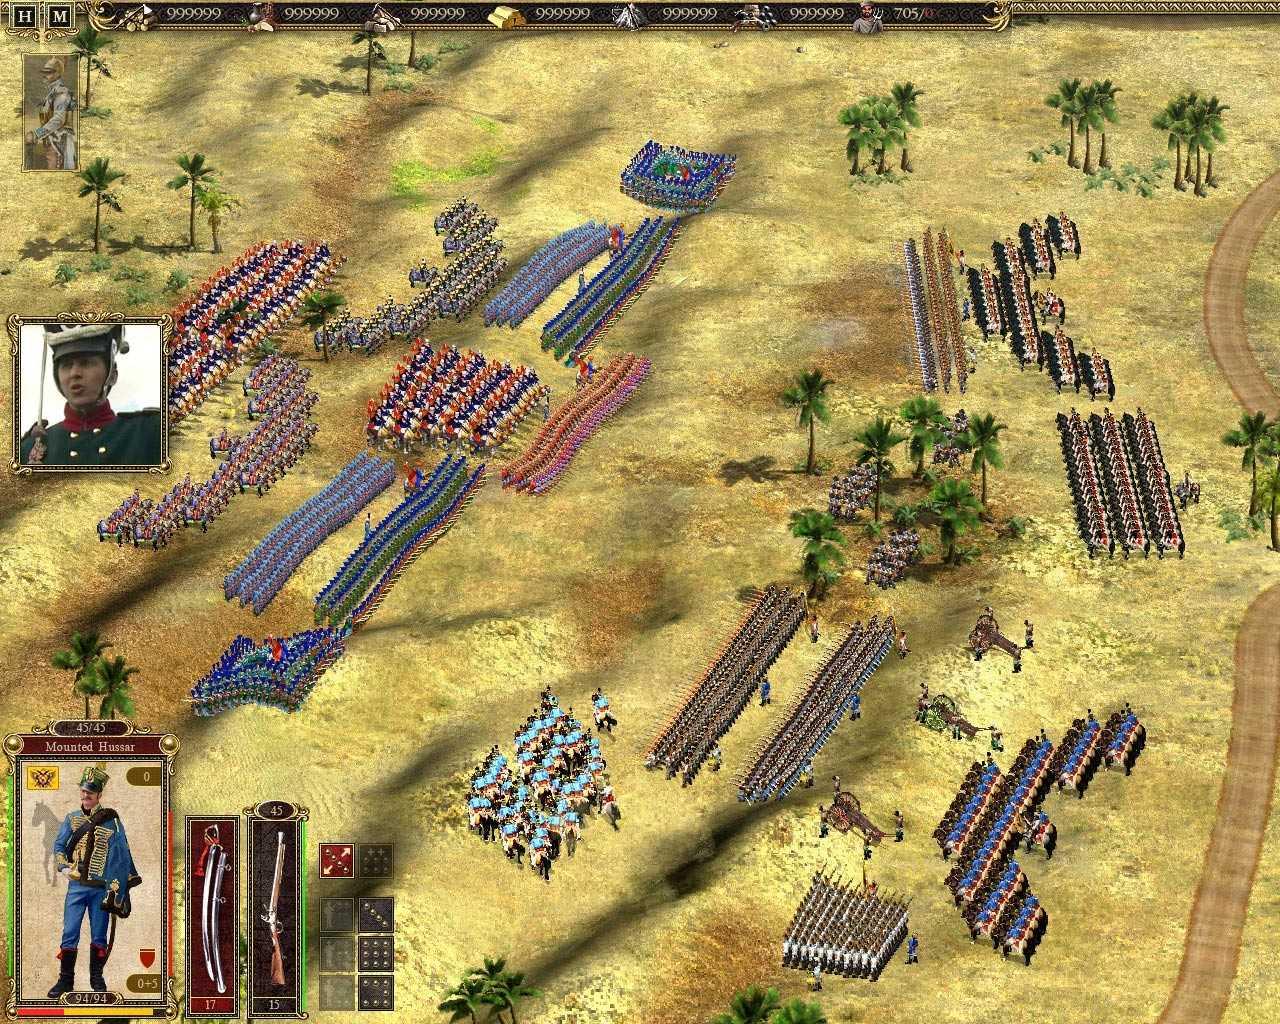 Патч к игре Казаки Европейские войны (Cossacks European Wars) 23.04